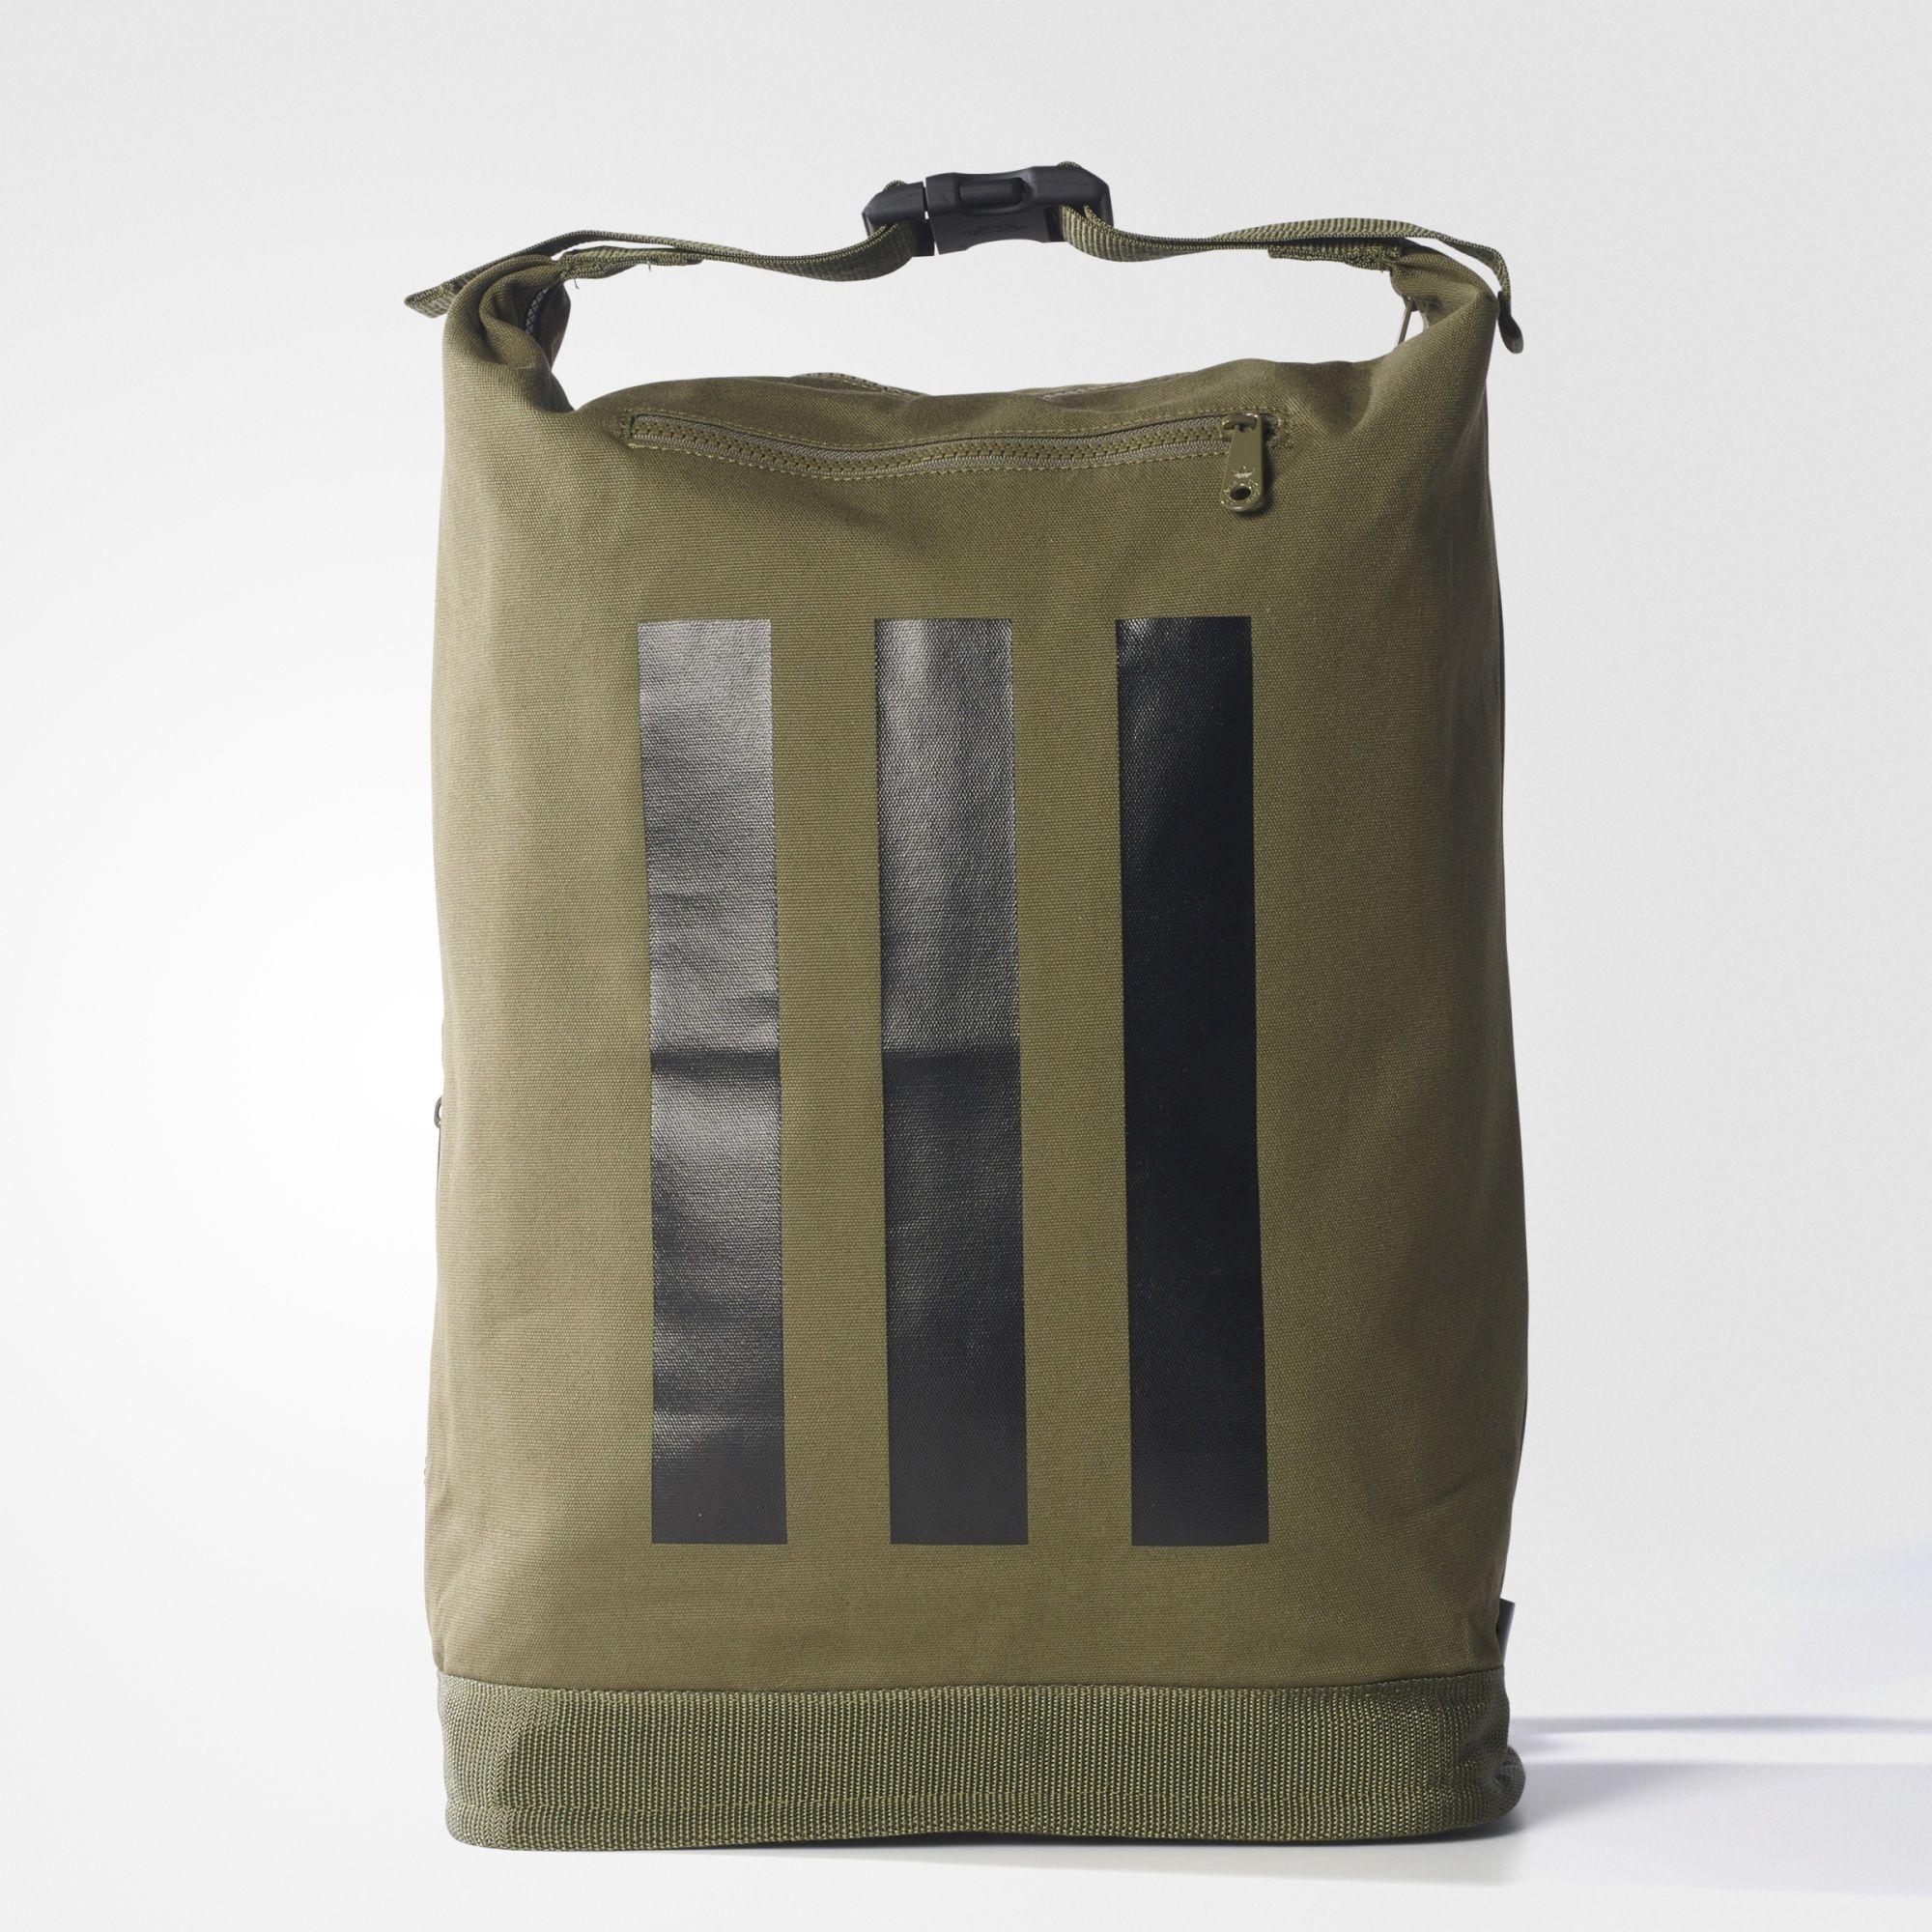 edfc309c9 Esta mochila resistente em lona tem um design casual perfeito para as  aventuras do dia a